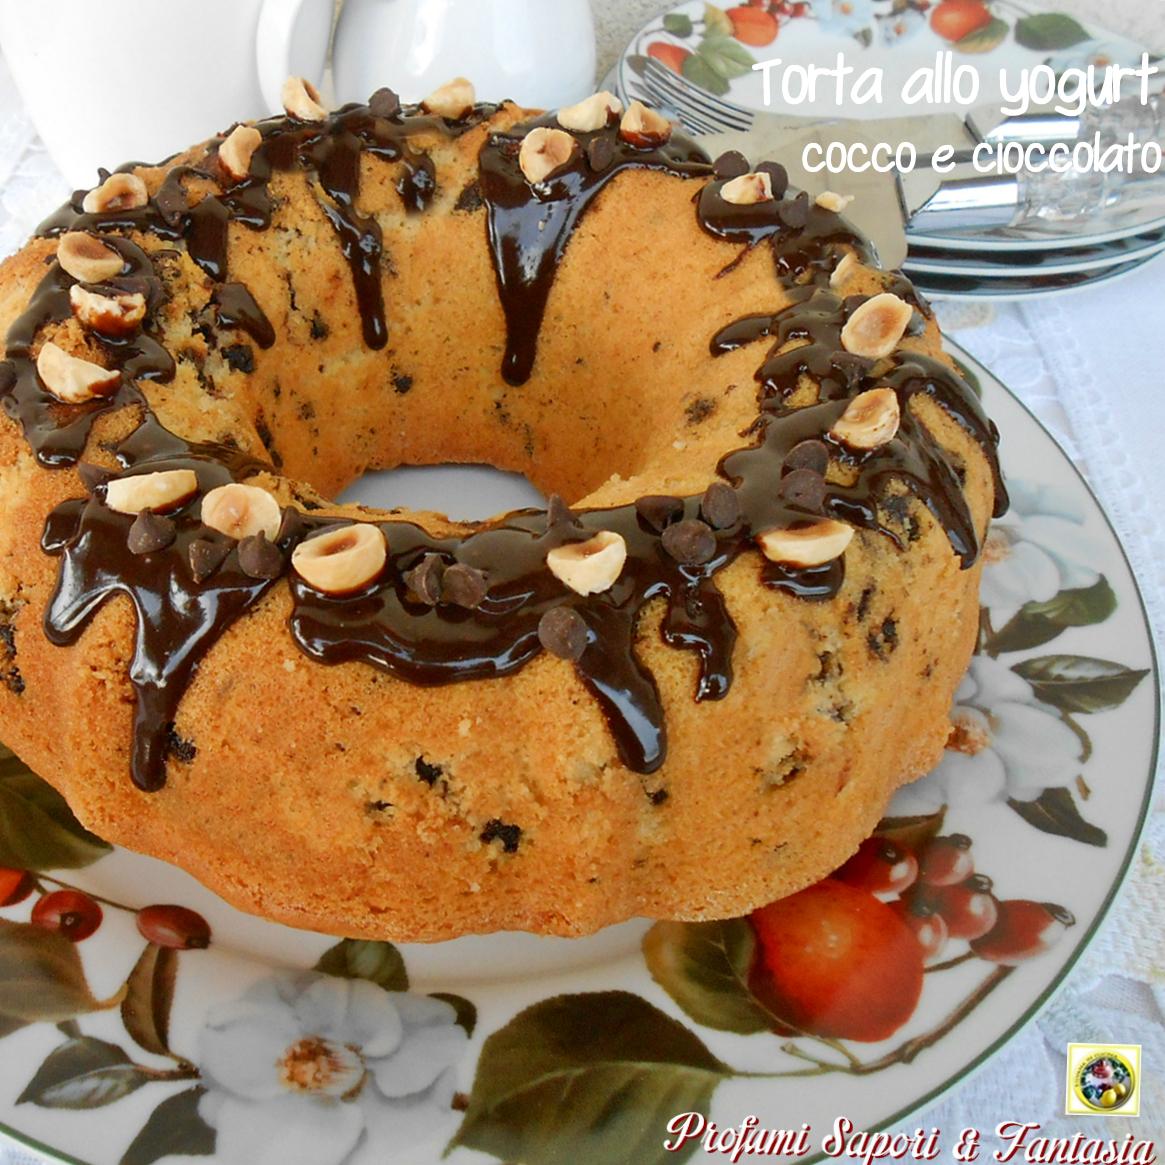 Torta allo yogurt cocco e cioccolato Blog Profumi Sapori & Fantasia